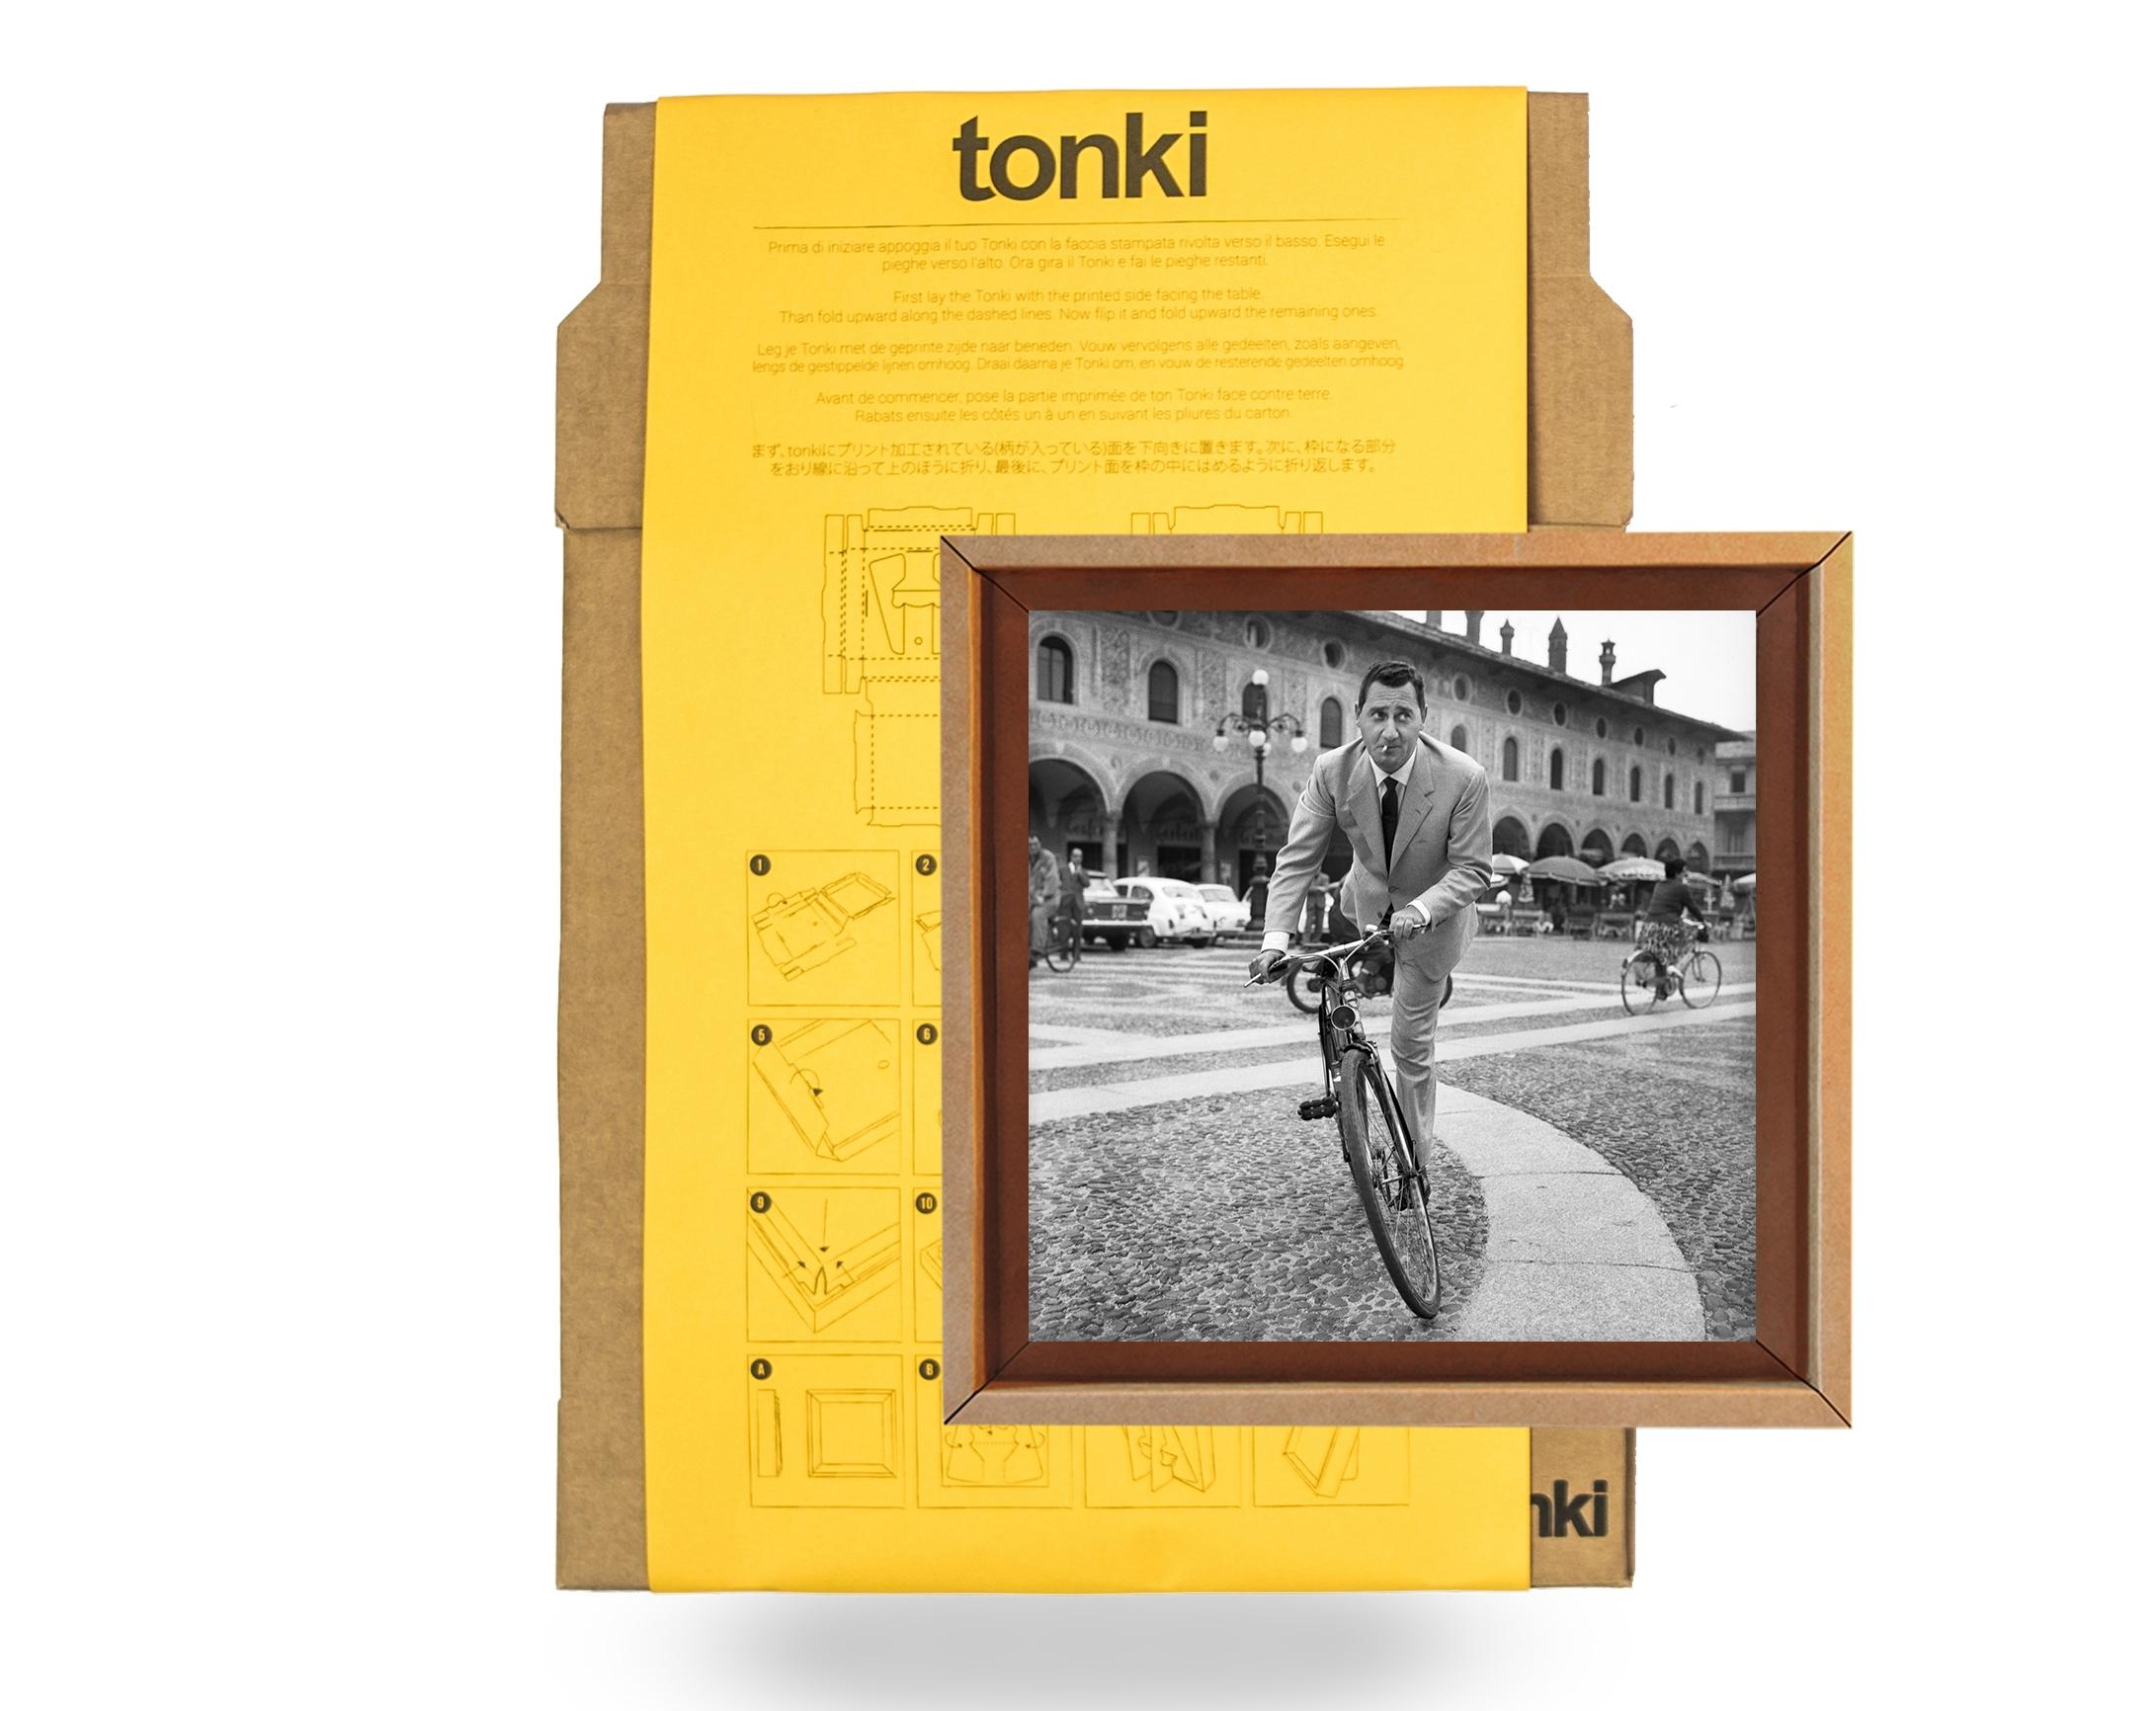 13aac0438d Alberto Sordi, Il maestro di Vigevano, 1963 - Fotografia stampata e  incorniciata su Tonki